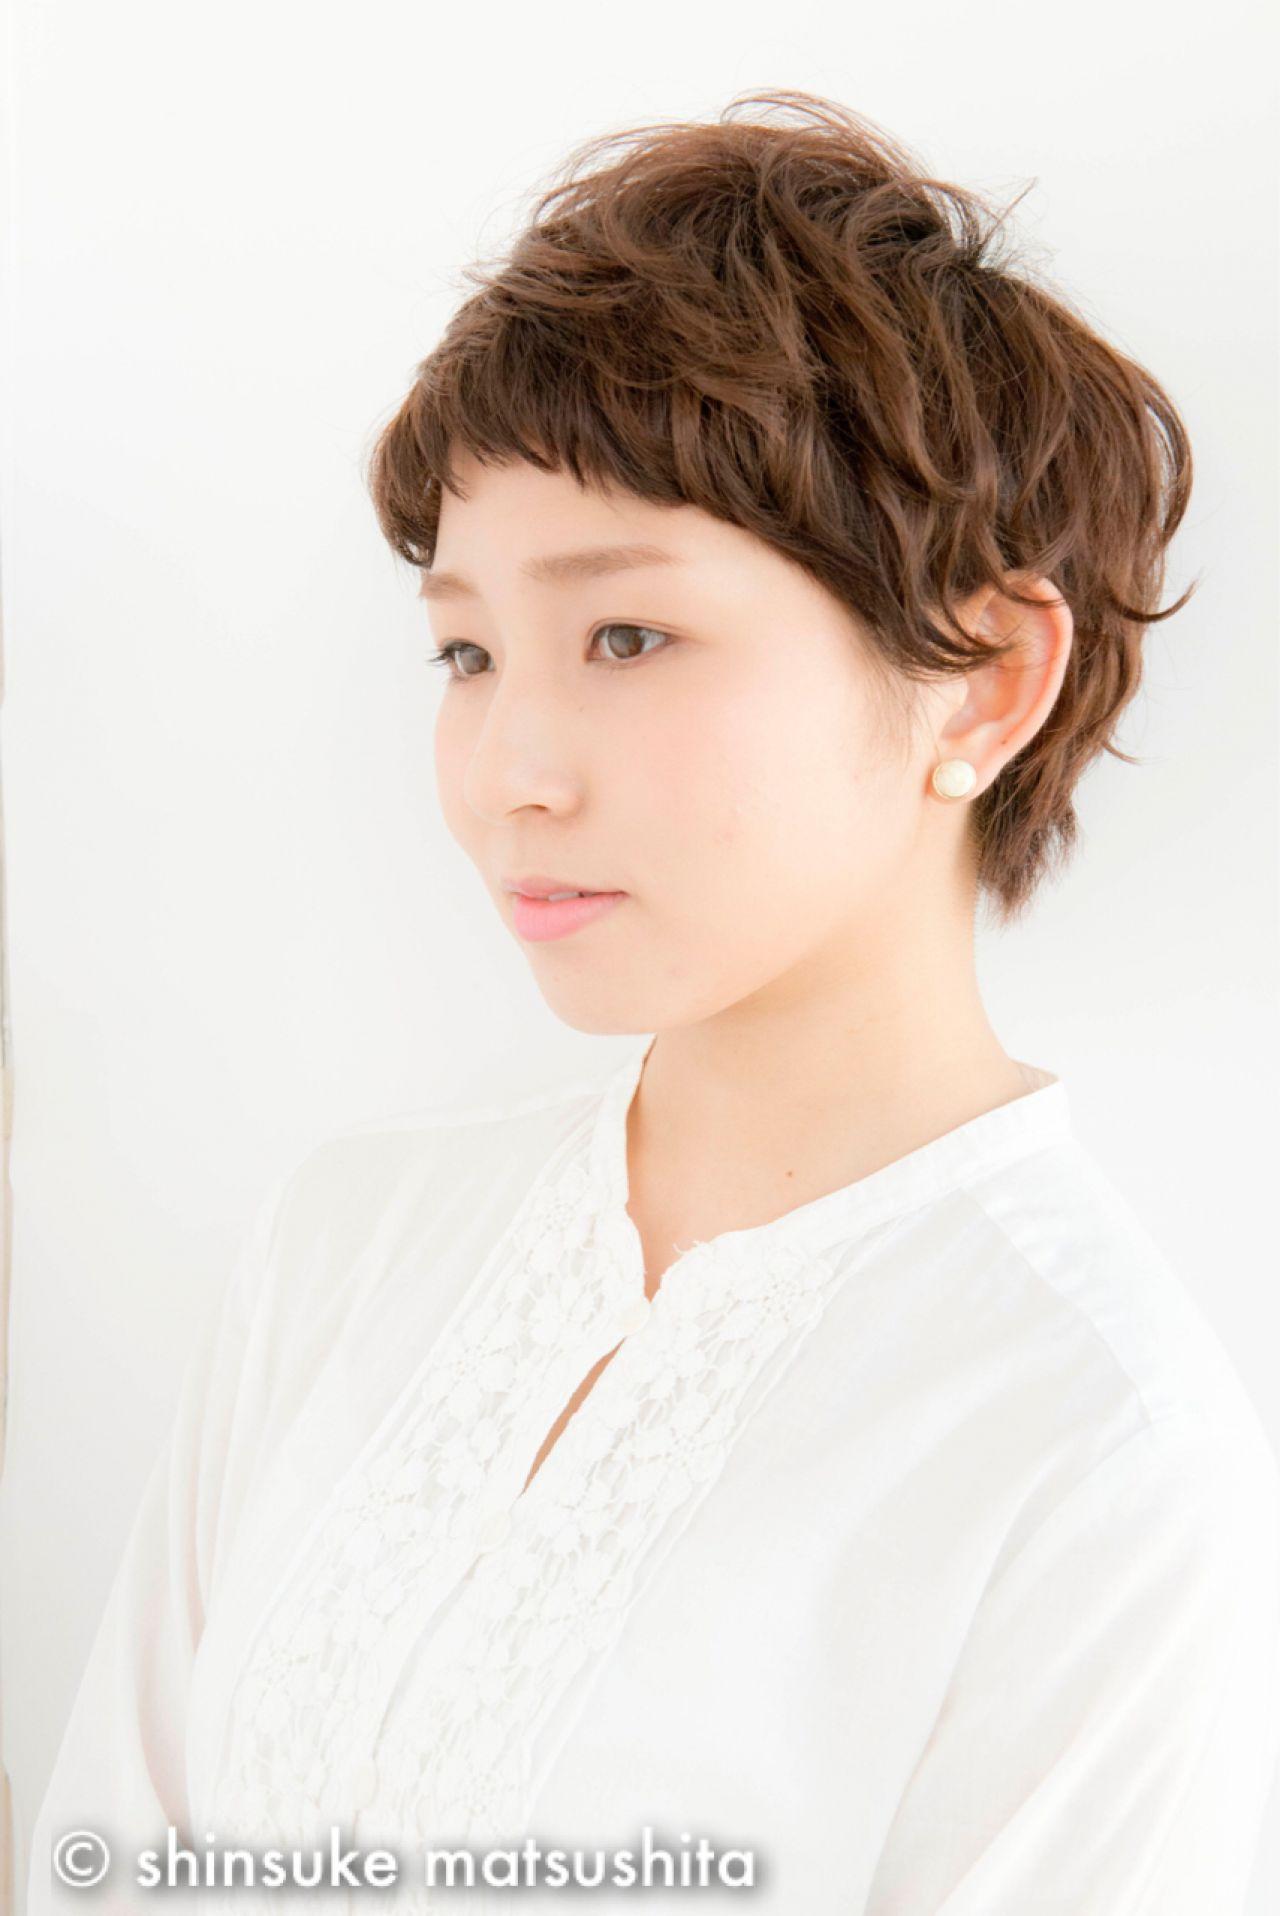 暗髪 ナチュラル ショート 丸顔 ヘアスタイルや髪型の写真・画像